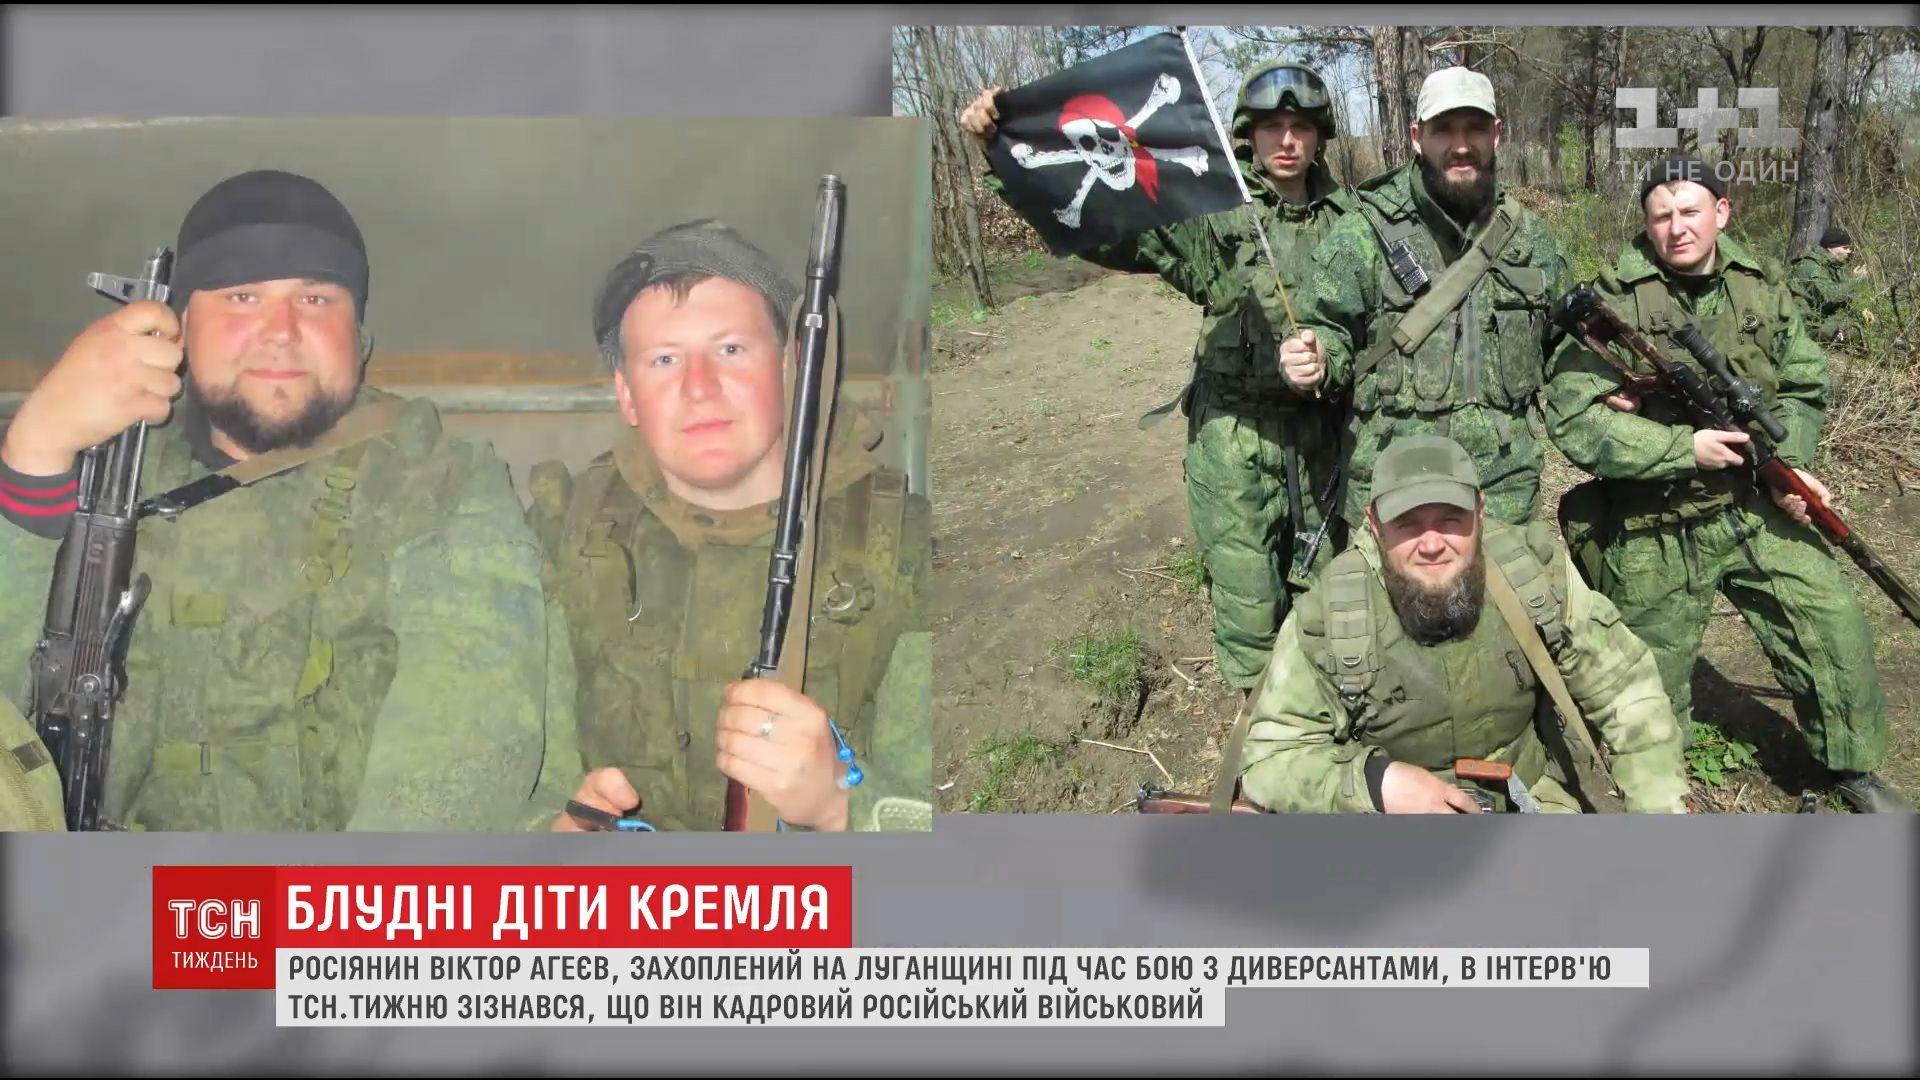 Виктор Агеев, захваченный на Луганщине, оказался российским кадровым военным /